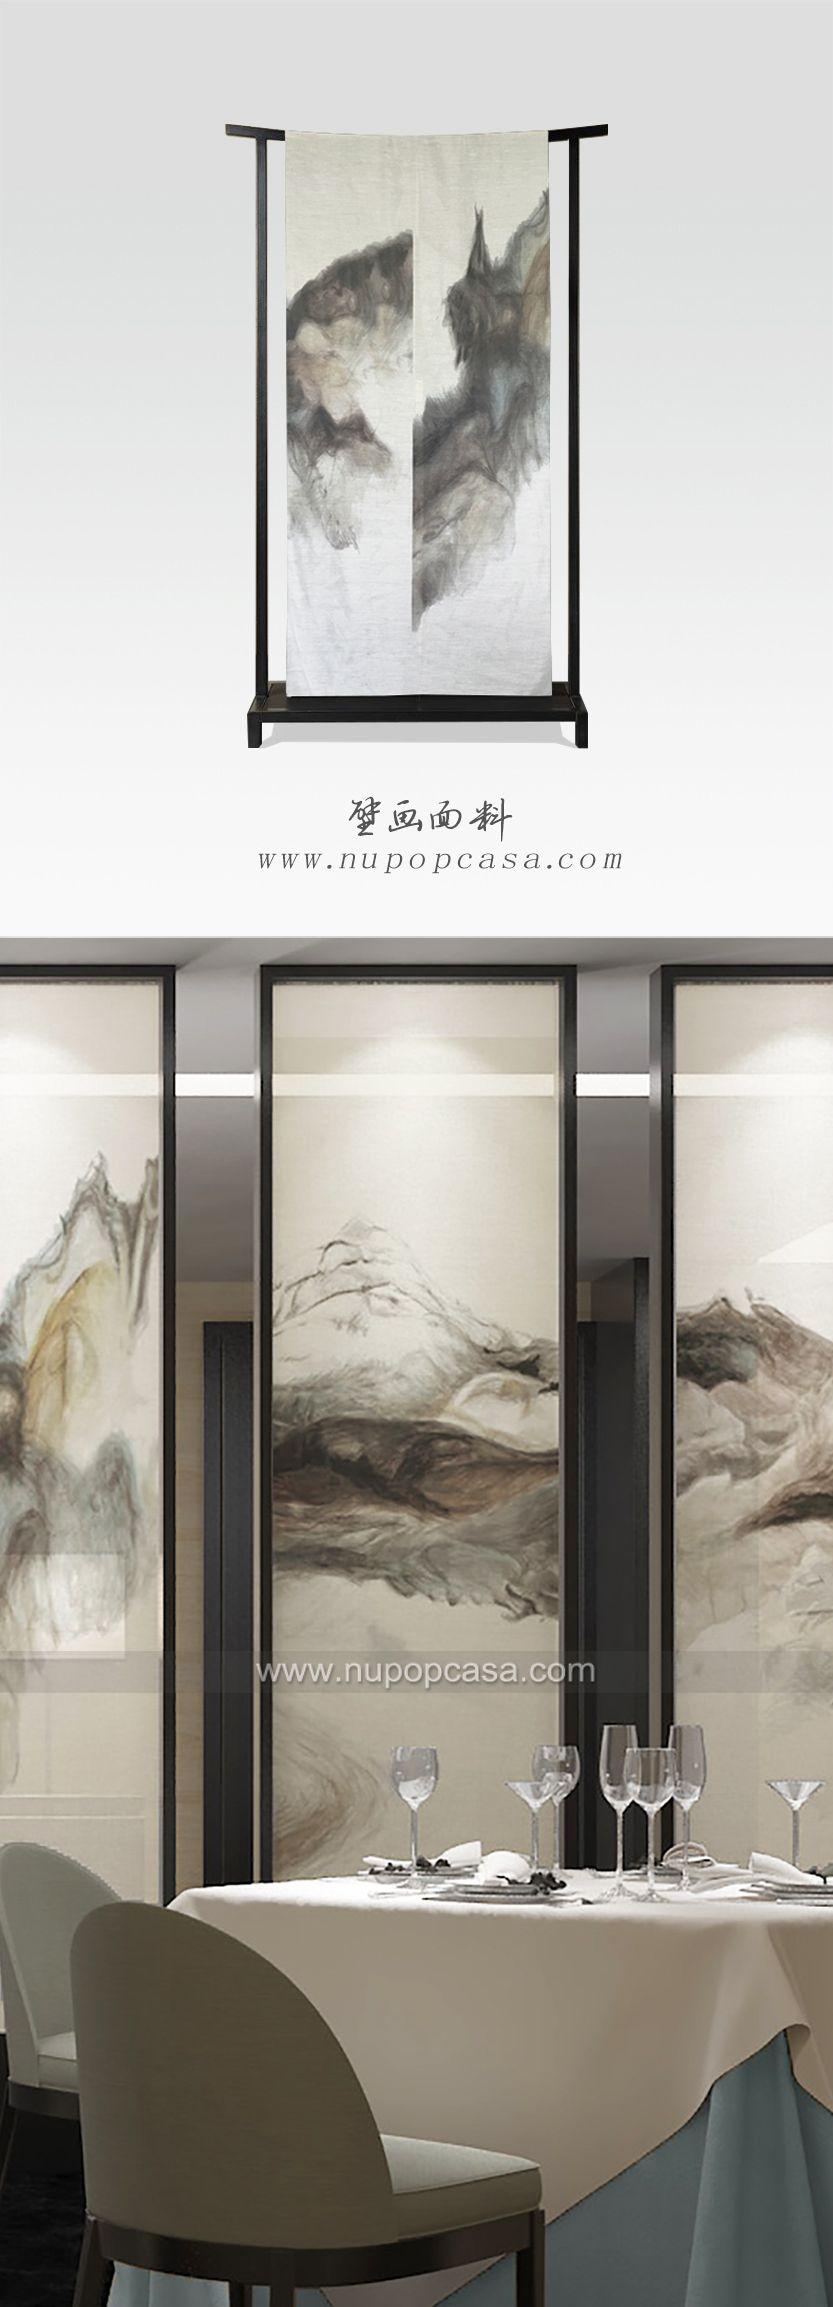 水墨艺术壁画面料 酒店室内设计应用 隔断 沙发背景 床背景 玄关